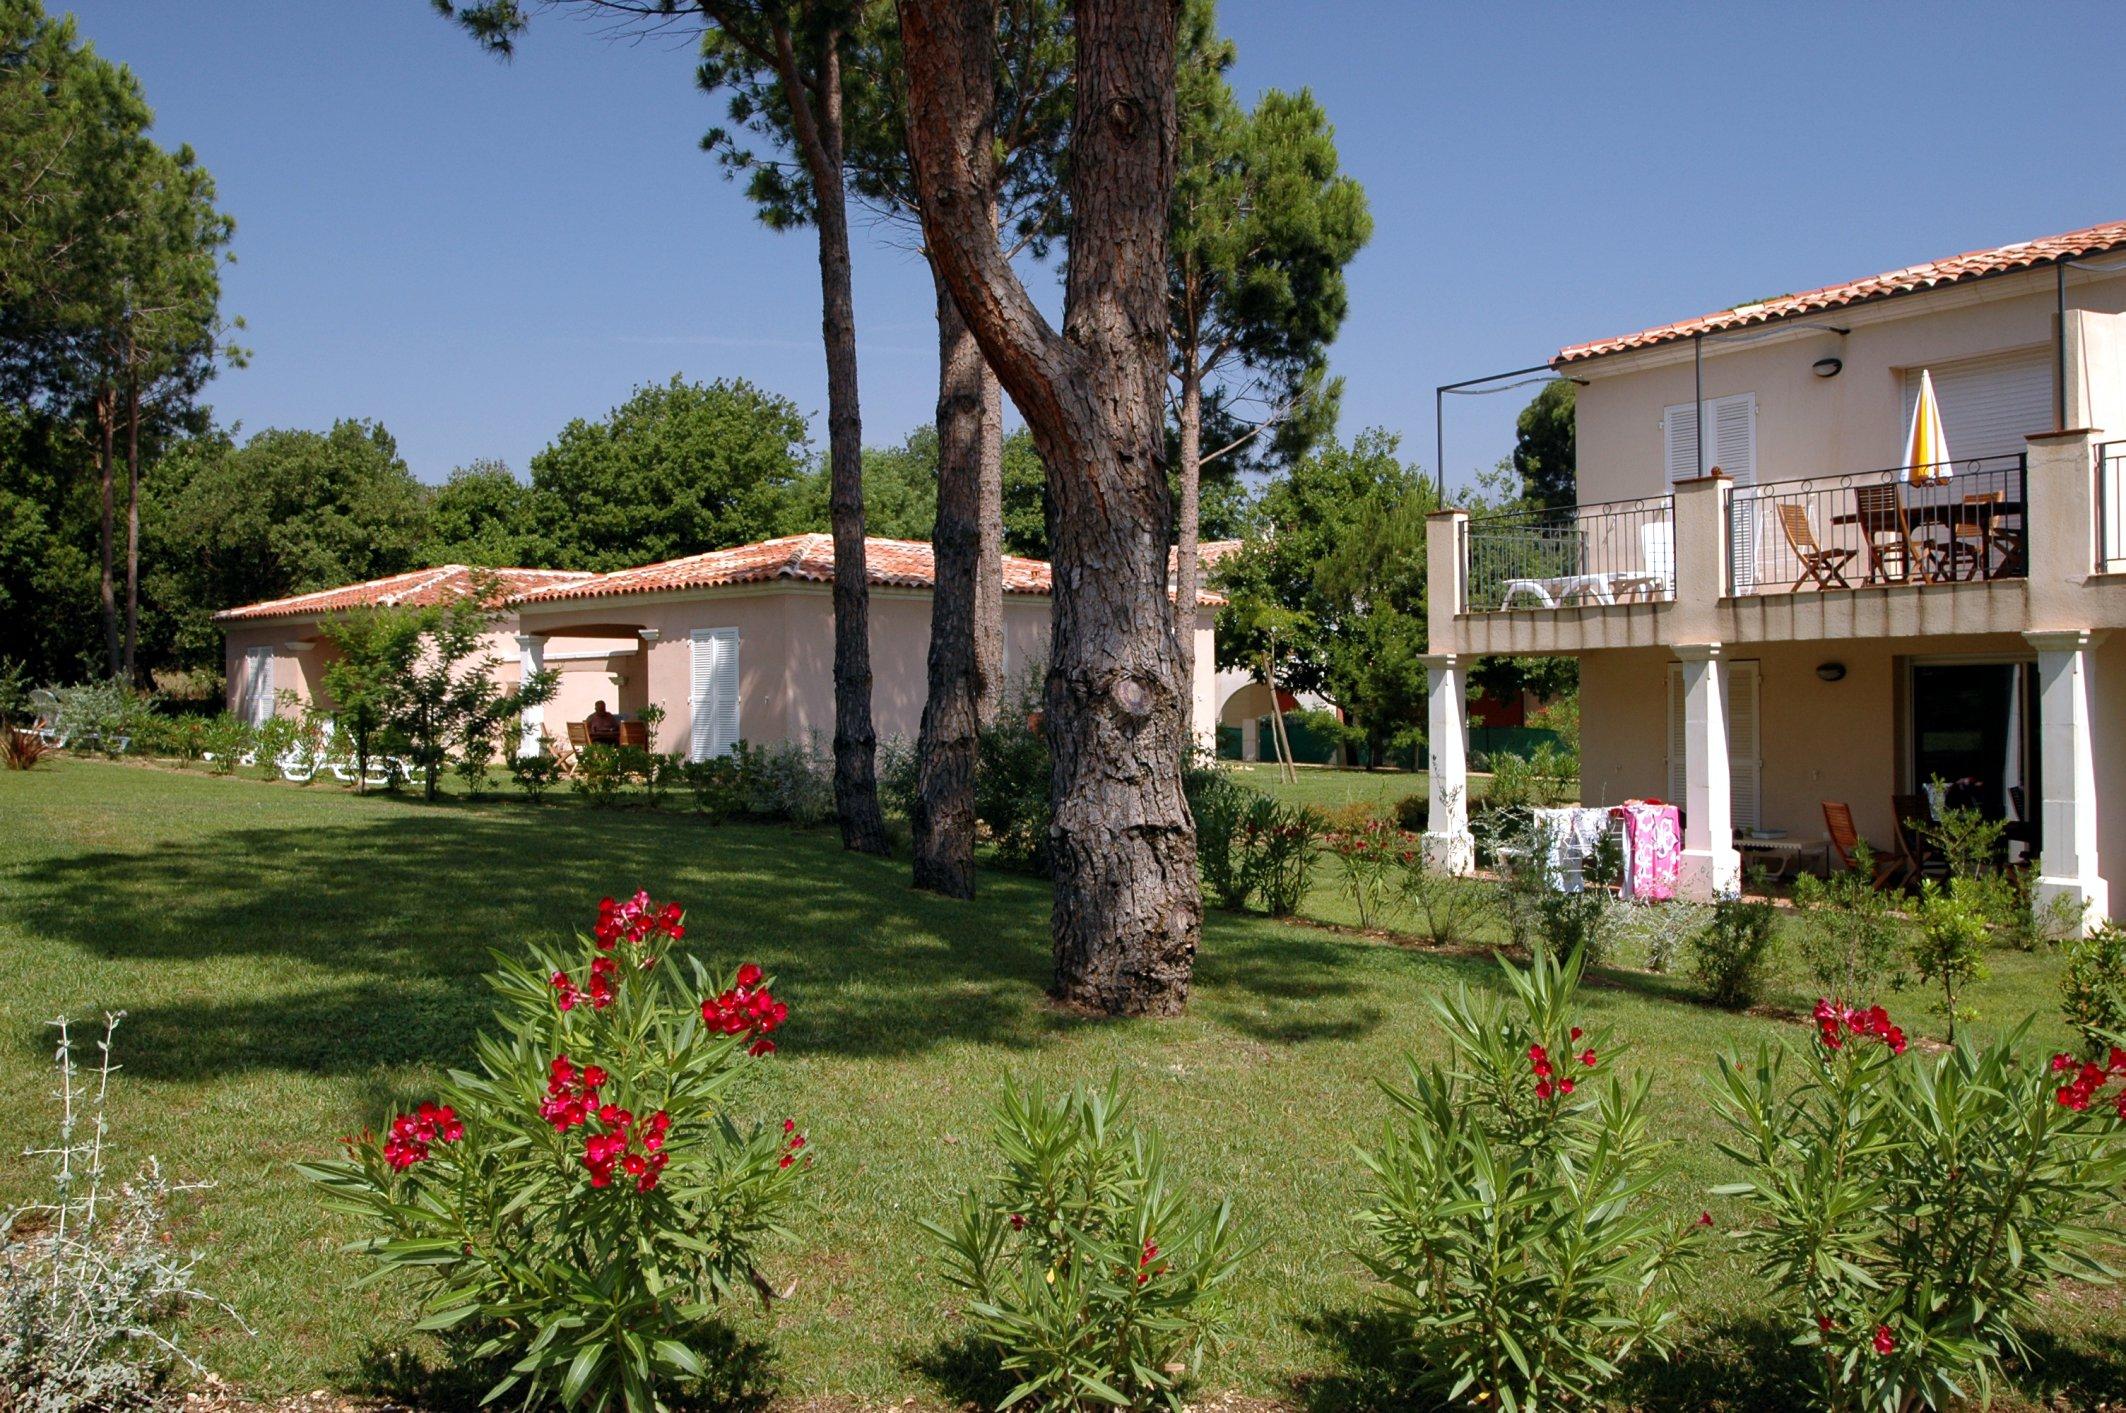 Ferienwohnung Gassin/St. Tropez 2p5 Le Clos (1063856), Gassin, Côte d'Azur, Provence - Alpen - Côte d'Azur, Frankreich, Bild 17